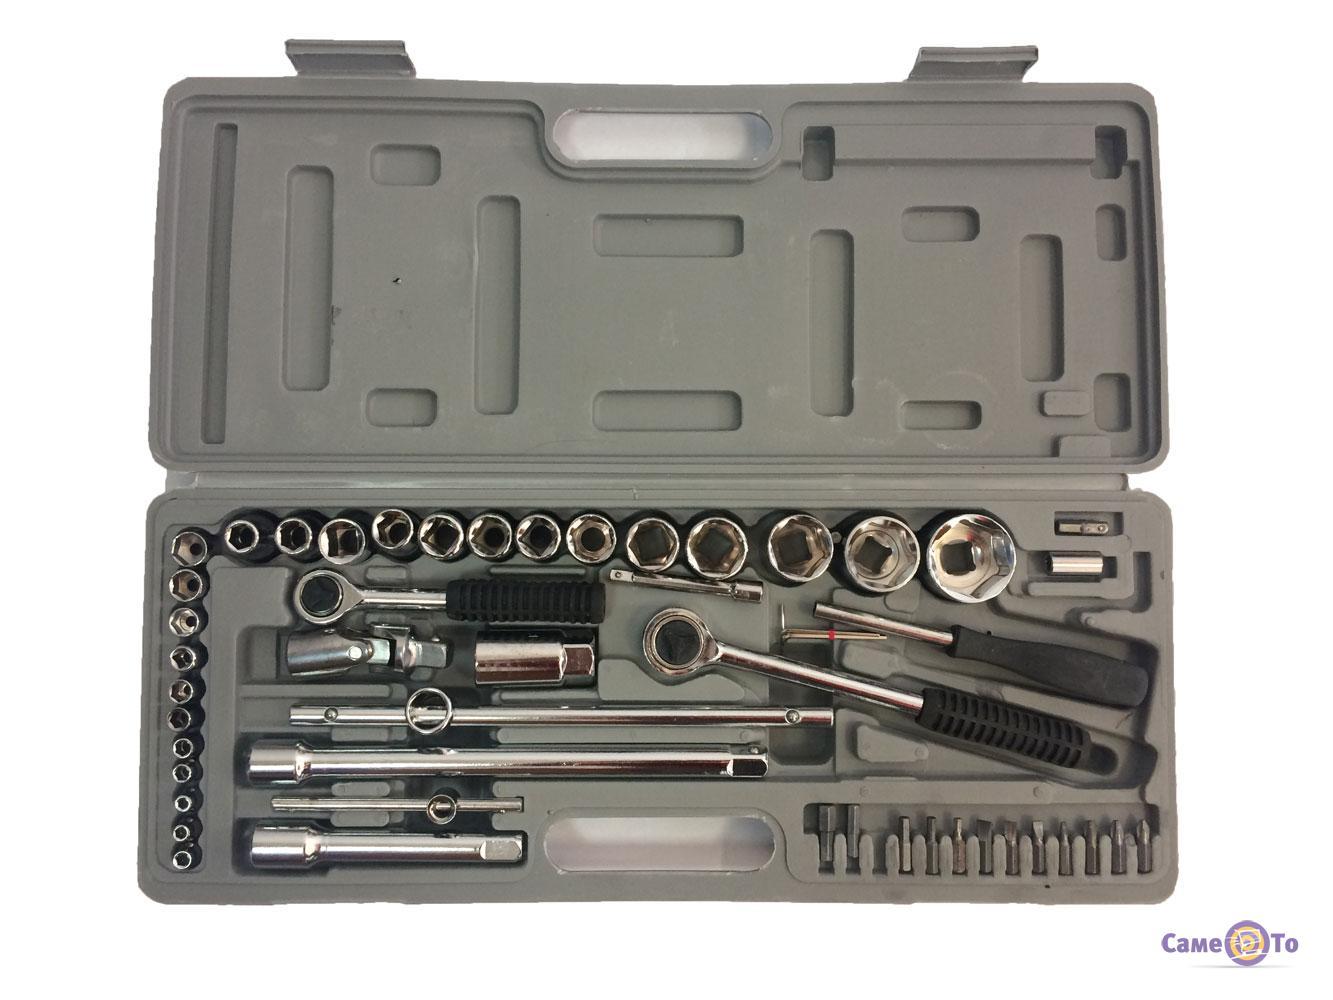 Универсальный набор торцевых гаечных ключей и головок в кейсе Extra 2283, 52 предмета